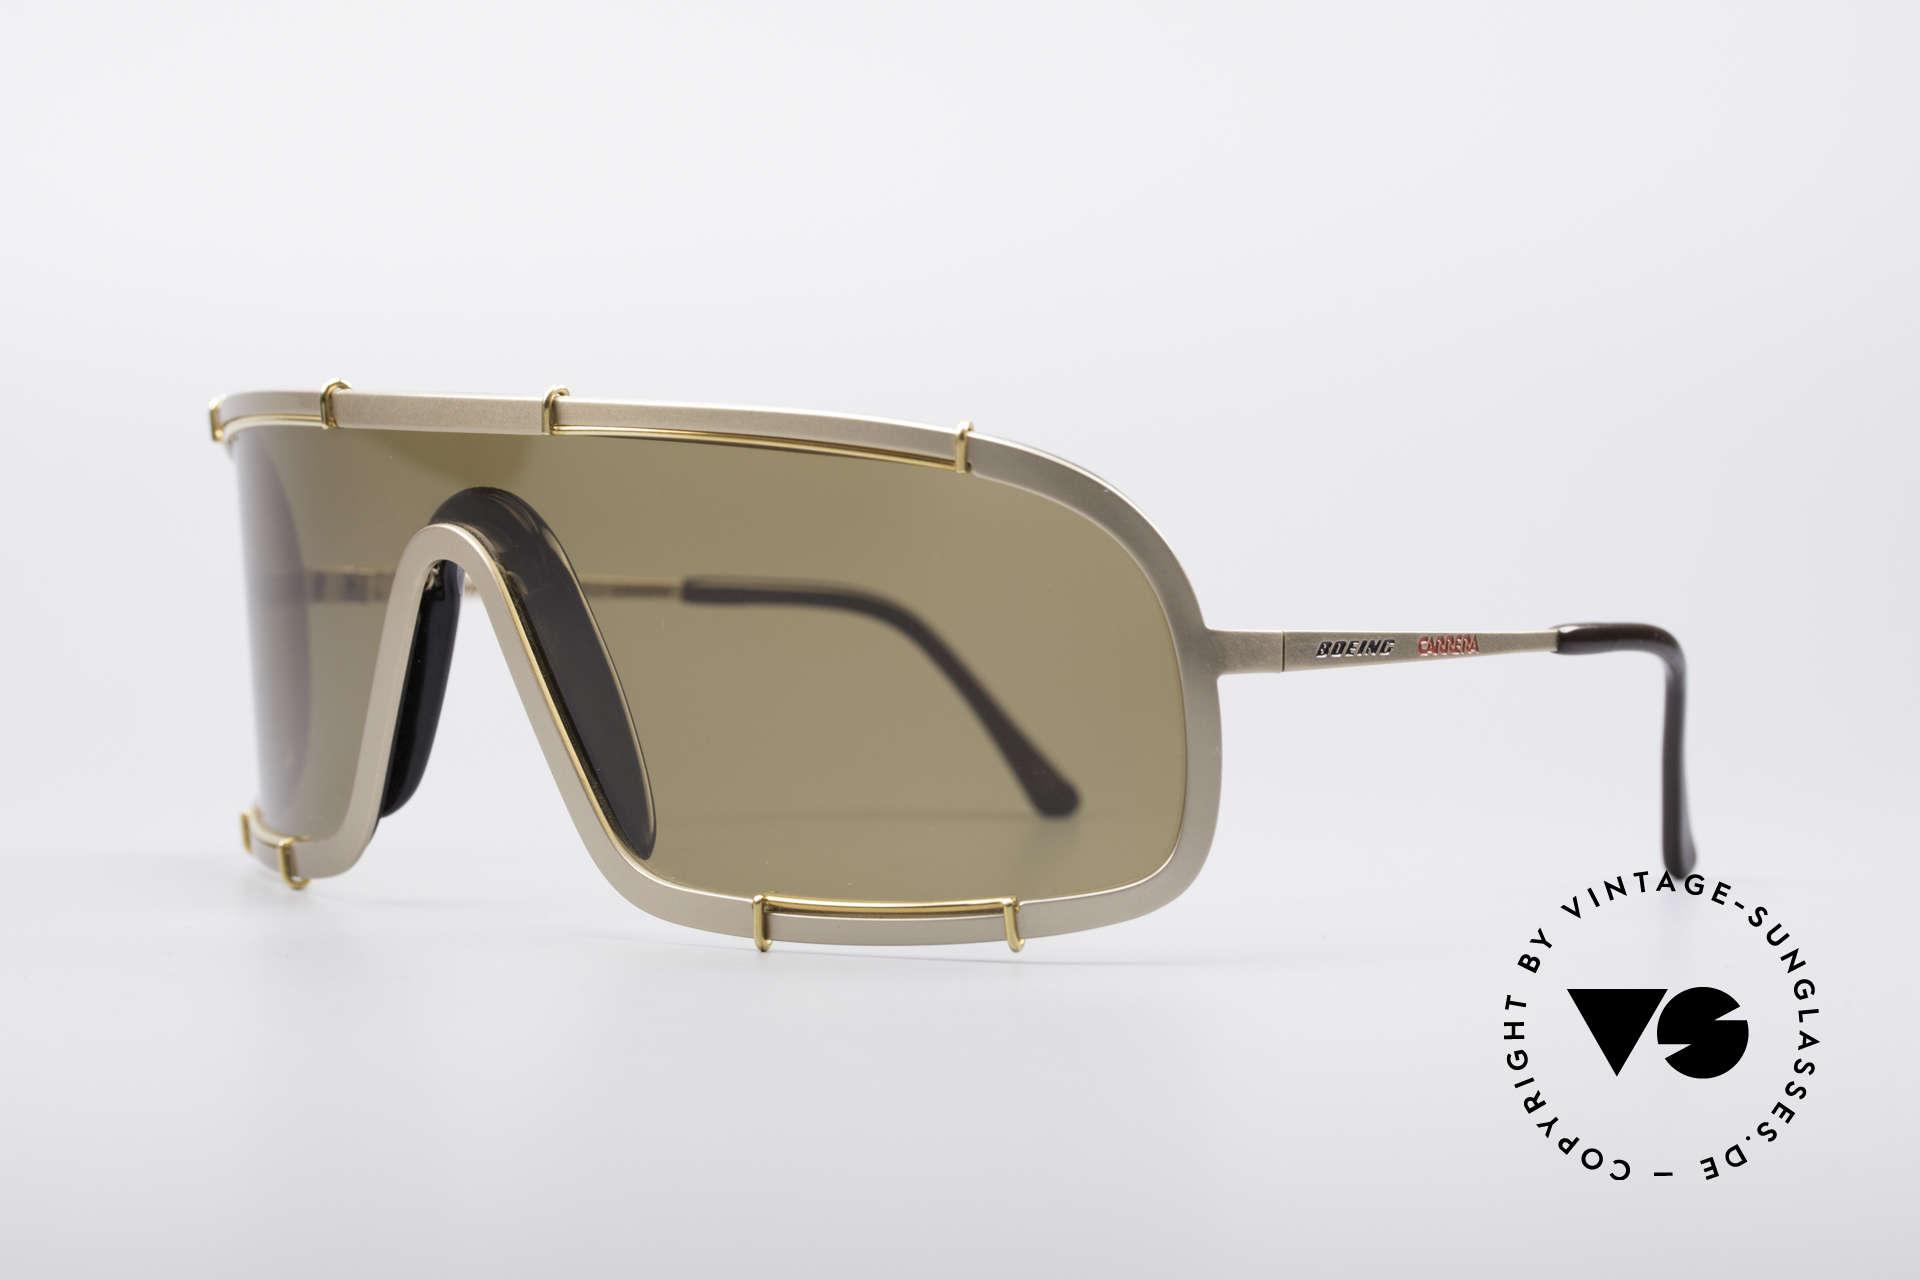 Boeing 5708 80er Luxus Sport Sonnenbrille, mit anpassbarem Sattelsteg und vergoldeter Fassung, Passend für Herren